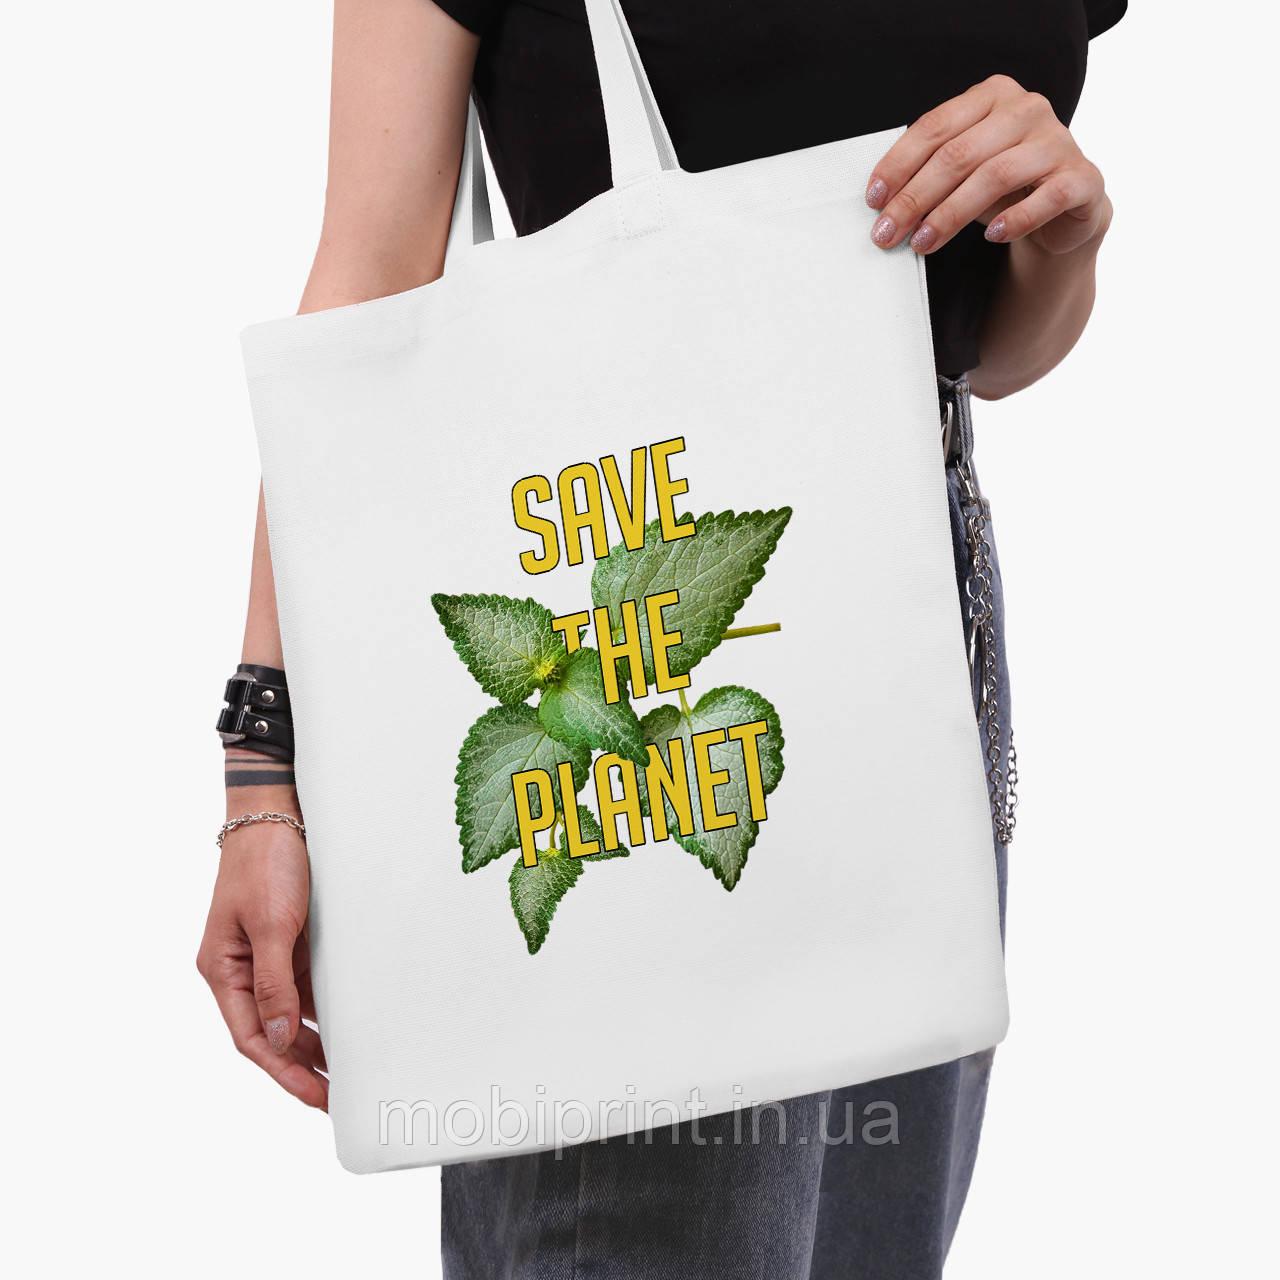 Эко сумка шоппер белая Экология (Ecology) (9227-1336-3)  41*35 см